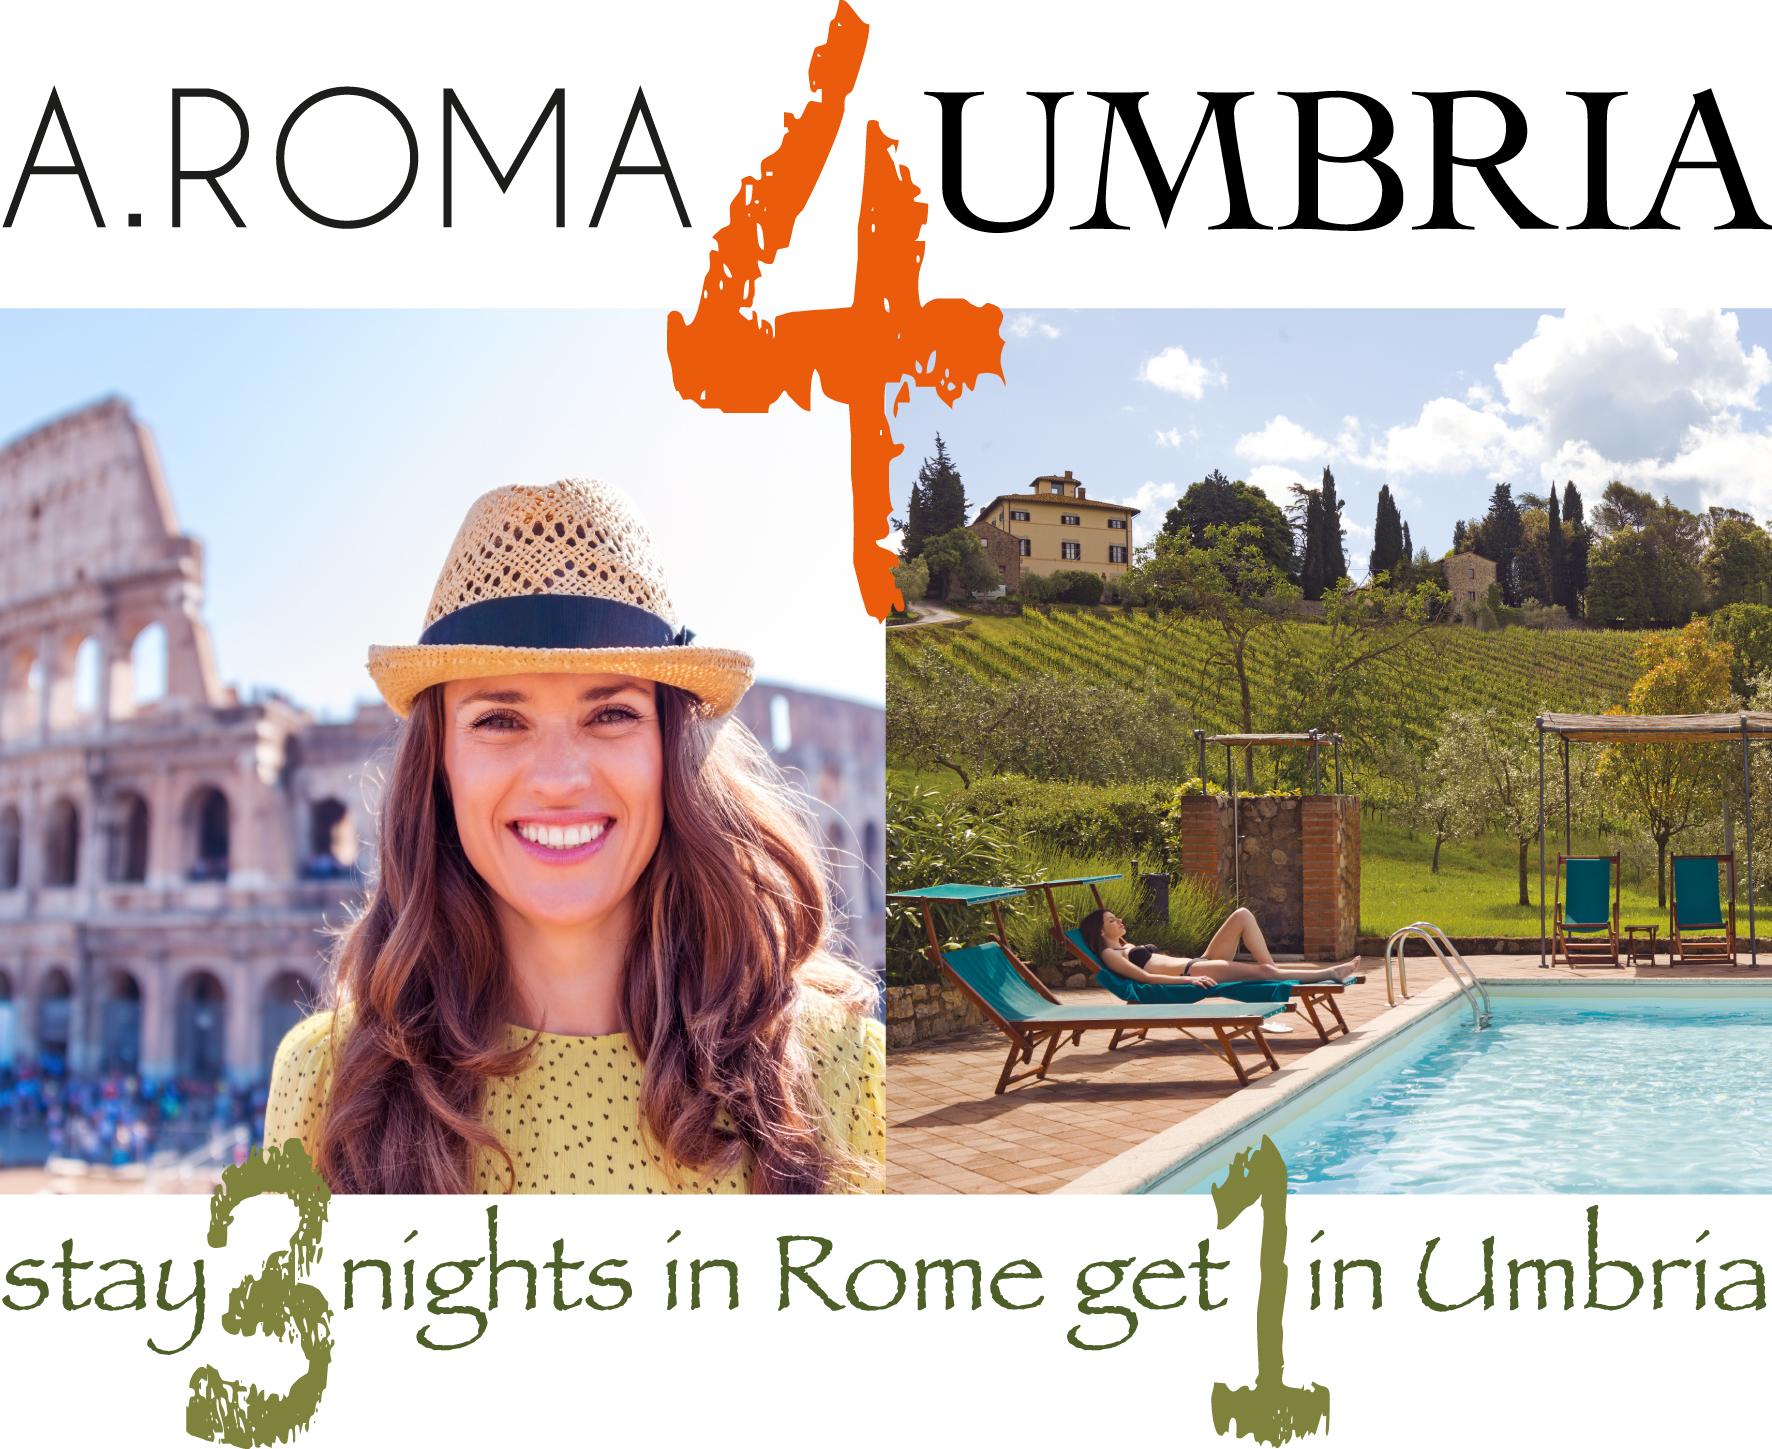 Aroma for Umbria